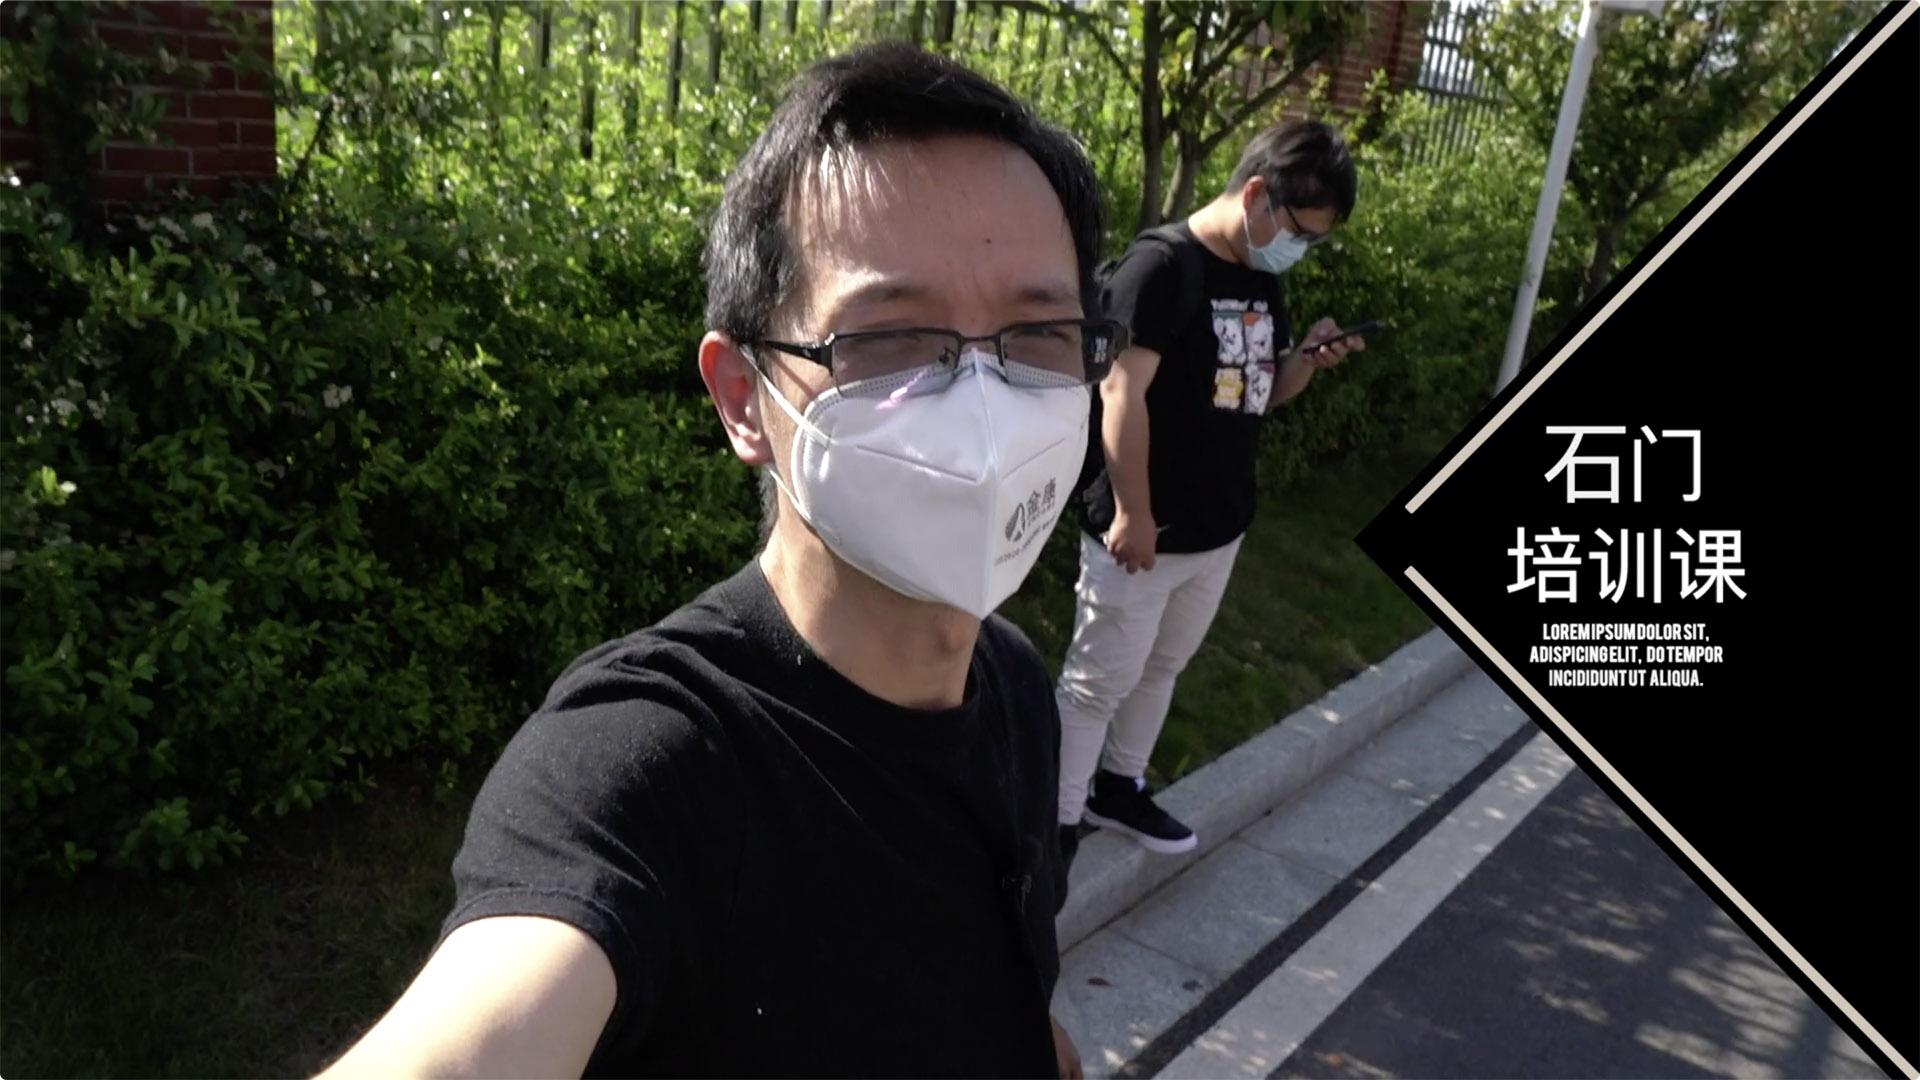 湖南省湘北职业中专电商训练营学习前准备  第1张